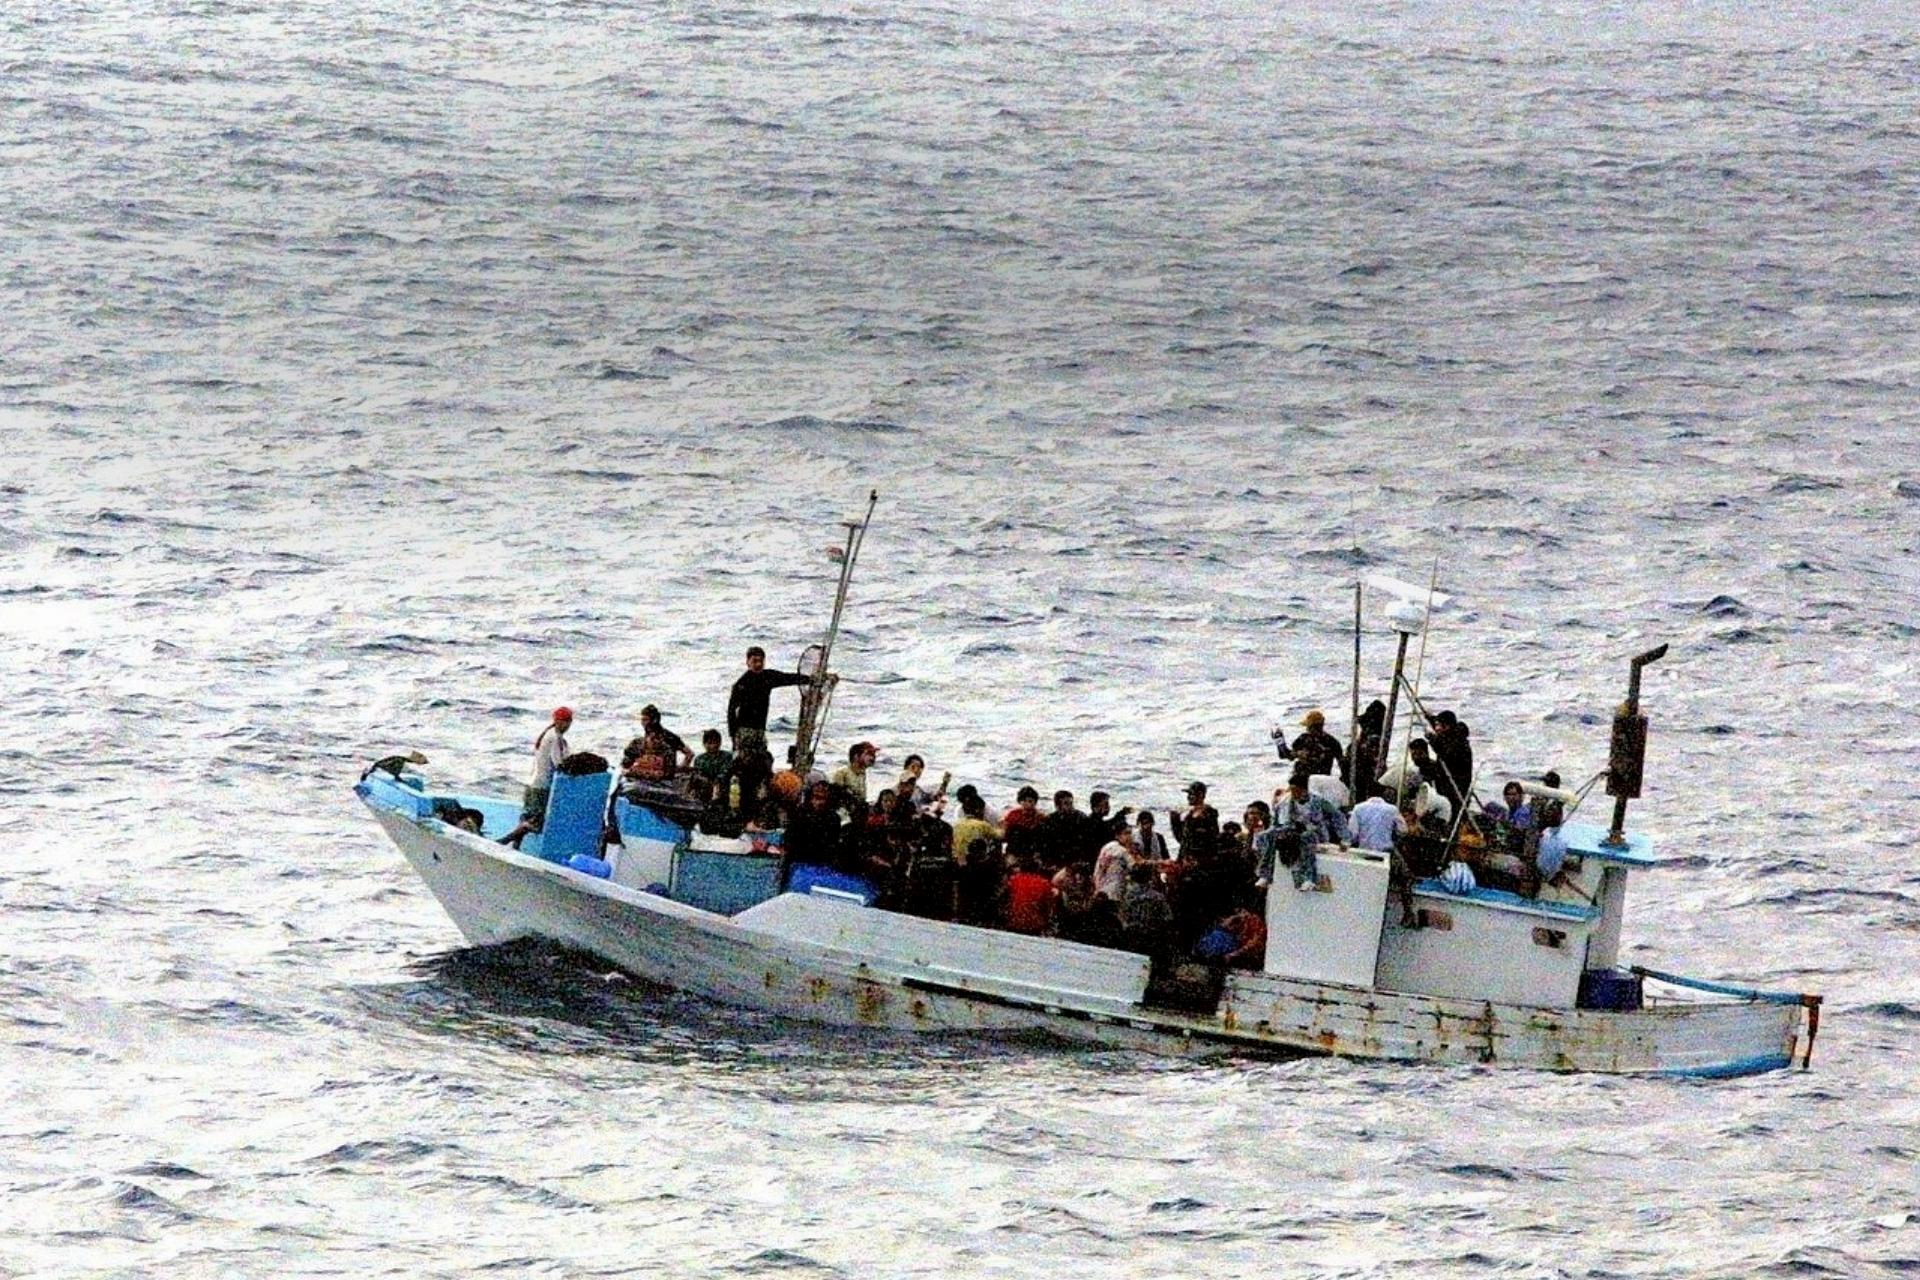 Für Seenotrettung! Kein Mensch ist illegal!